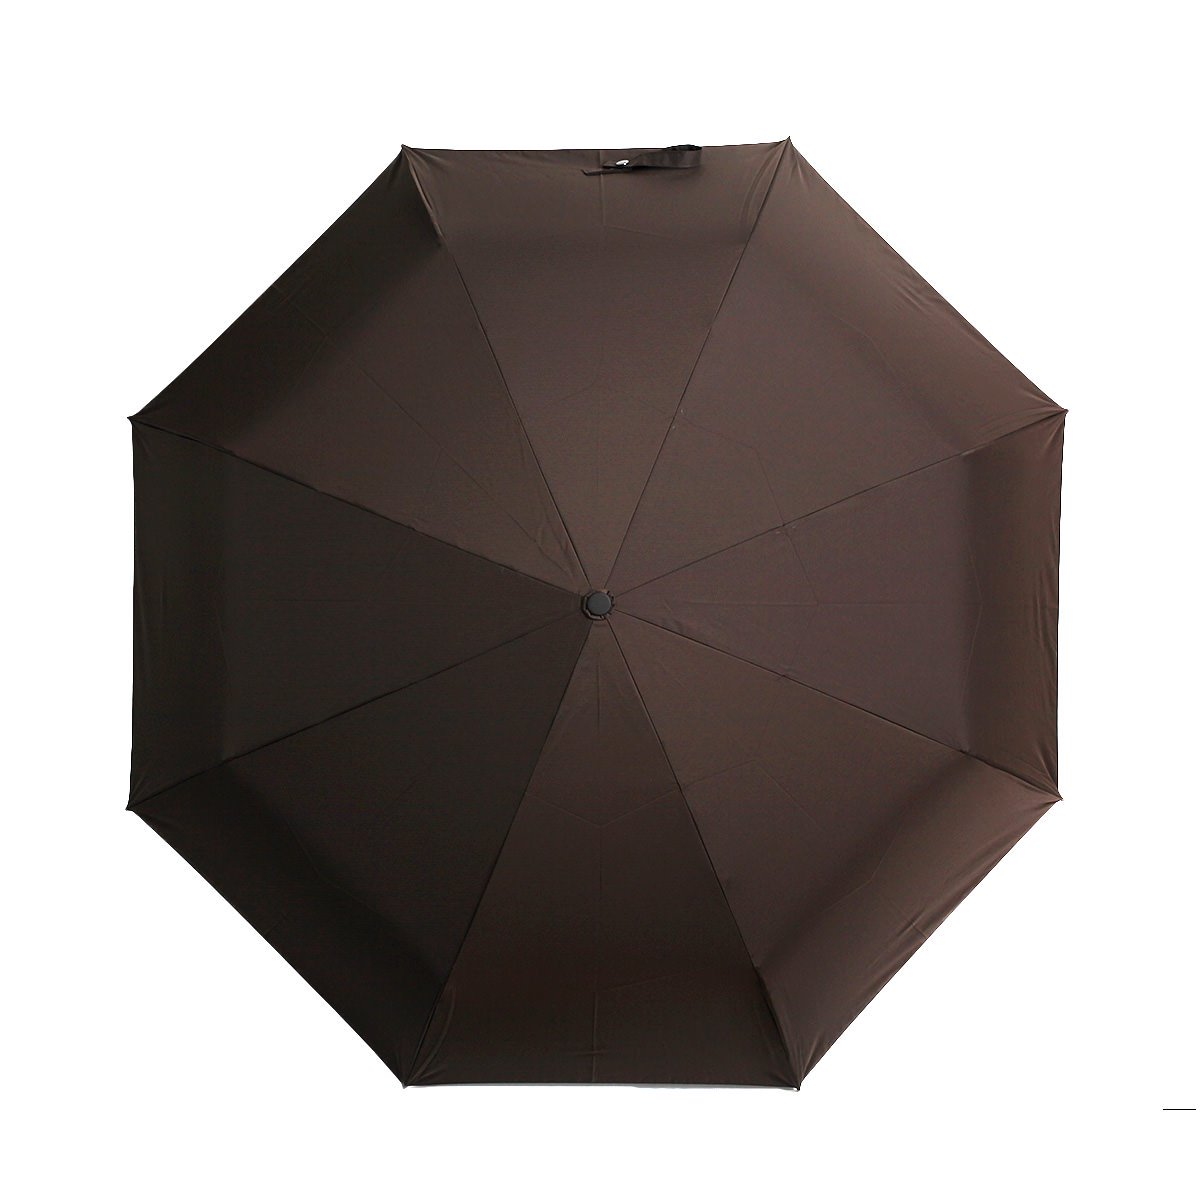 自動開閉 強力撥水 レインドロップ レクタス 折りたたみ傘 詳細画像7